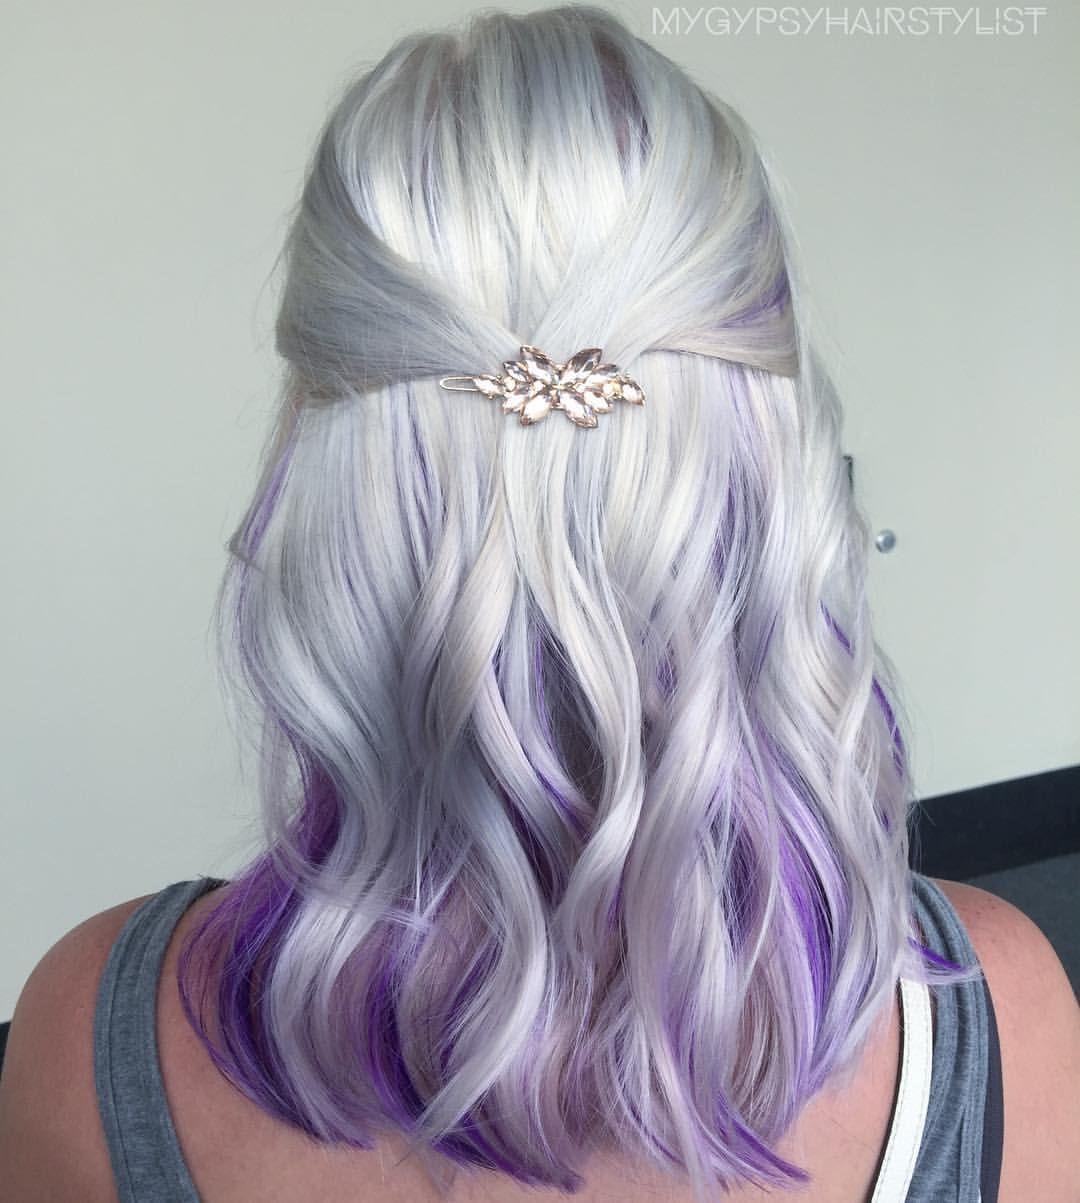 white hair/ purple hair/ trendy hair color ideas/ blonde